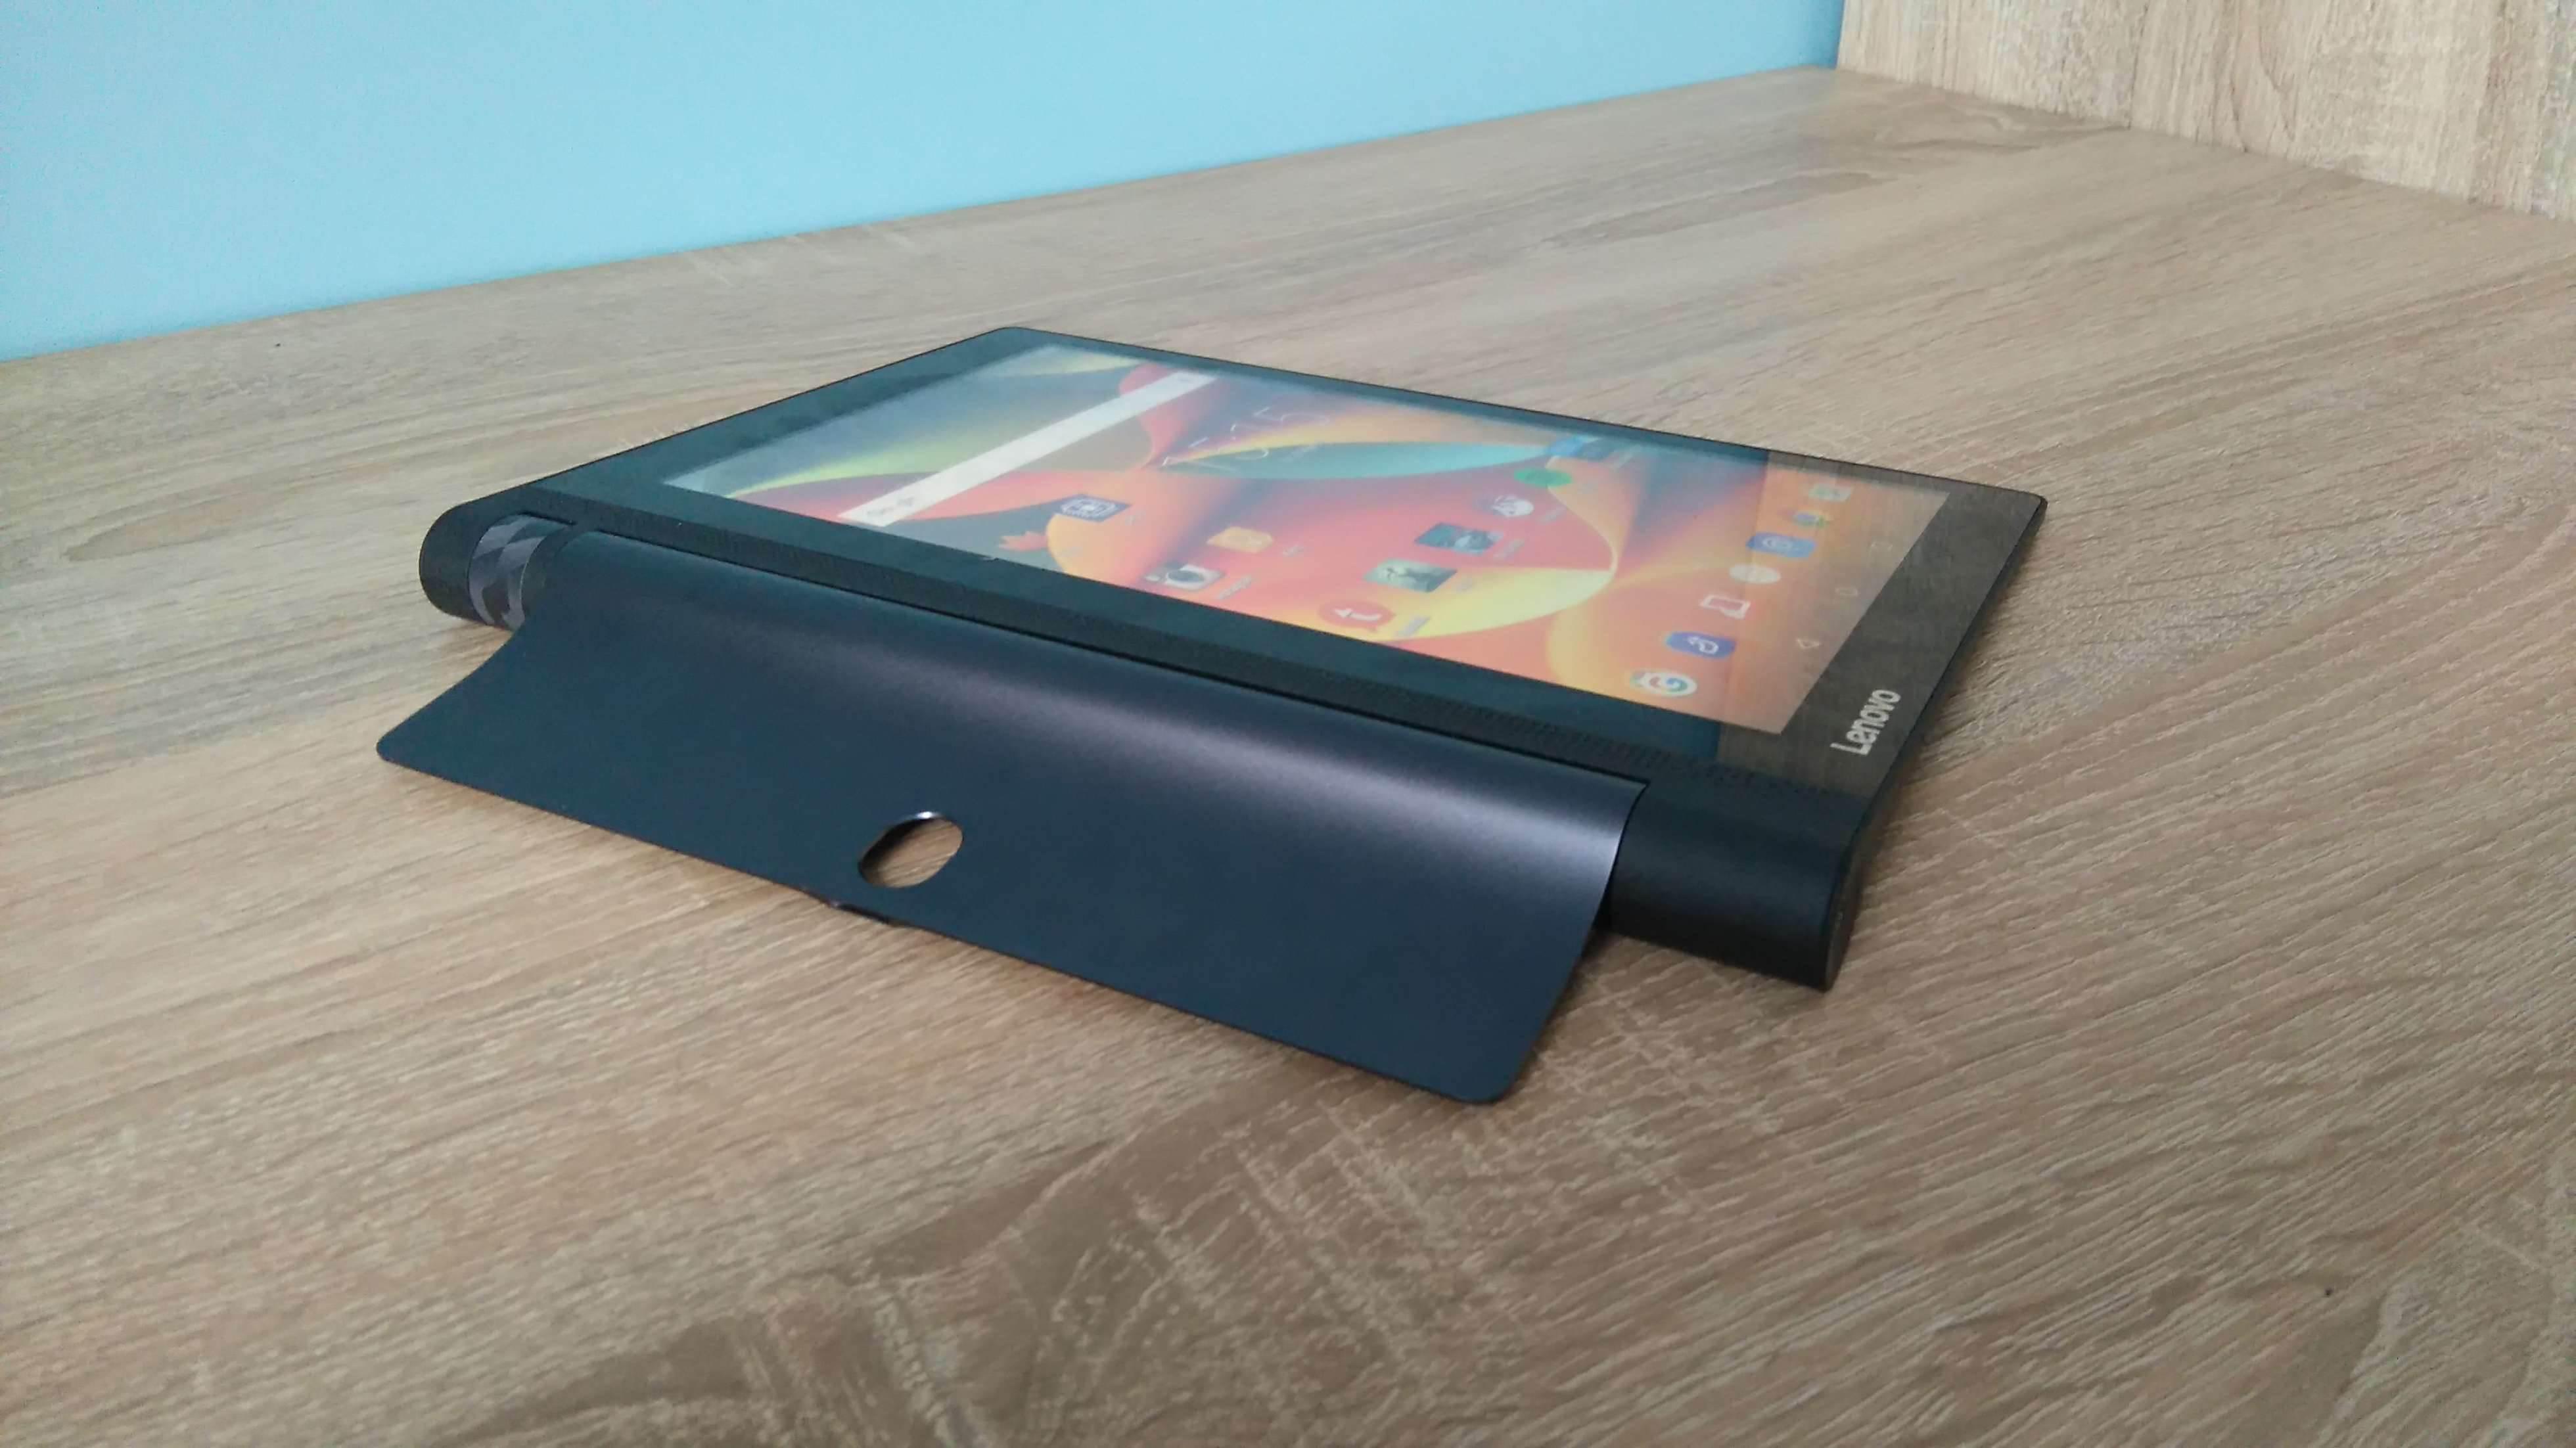 Lenovo Yoga Tab 3 LTE - recenzja urządzenia recenzje, polecane zalety, yoga tab 3, wady, Tablet, polska recenzja Lenovo Yoga Tab 3 LTE, polska recenzja, Lenovo Yoga Tab 3 LTE, lenovo, jak działa Lenovo Yoga Tab 3 LTE, czy warto kupić Lenovo Yoga Tab 3 LTE, cena Lenovo Yoga Tab 3 LTE  Nie ma się co oszukiwać, większość obecnie dostępnych tabletów wygląda niemal tak samo i różnią je od siebie drobne szczegóły wprowadzane do wzornictwa z generacji na generację, ale jednym z odmiennych modeli jest bez wątpienia seria tabletów Yoga, wprowadzona na rynek mobilny przez Lenovo. Czy przednie głośniki stereo i fabrycznie zamontowany stojak wystarczy, aby przykuć uwagę potencjalnego nabywcy? DSC 0025